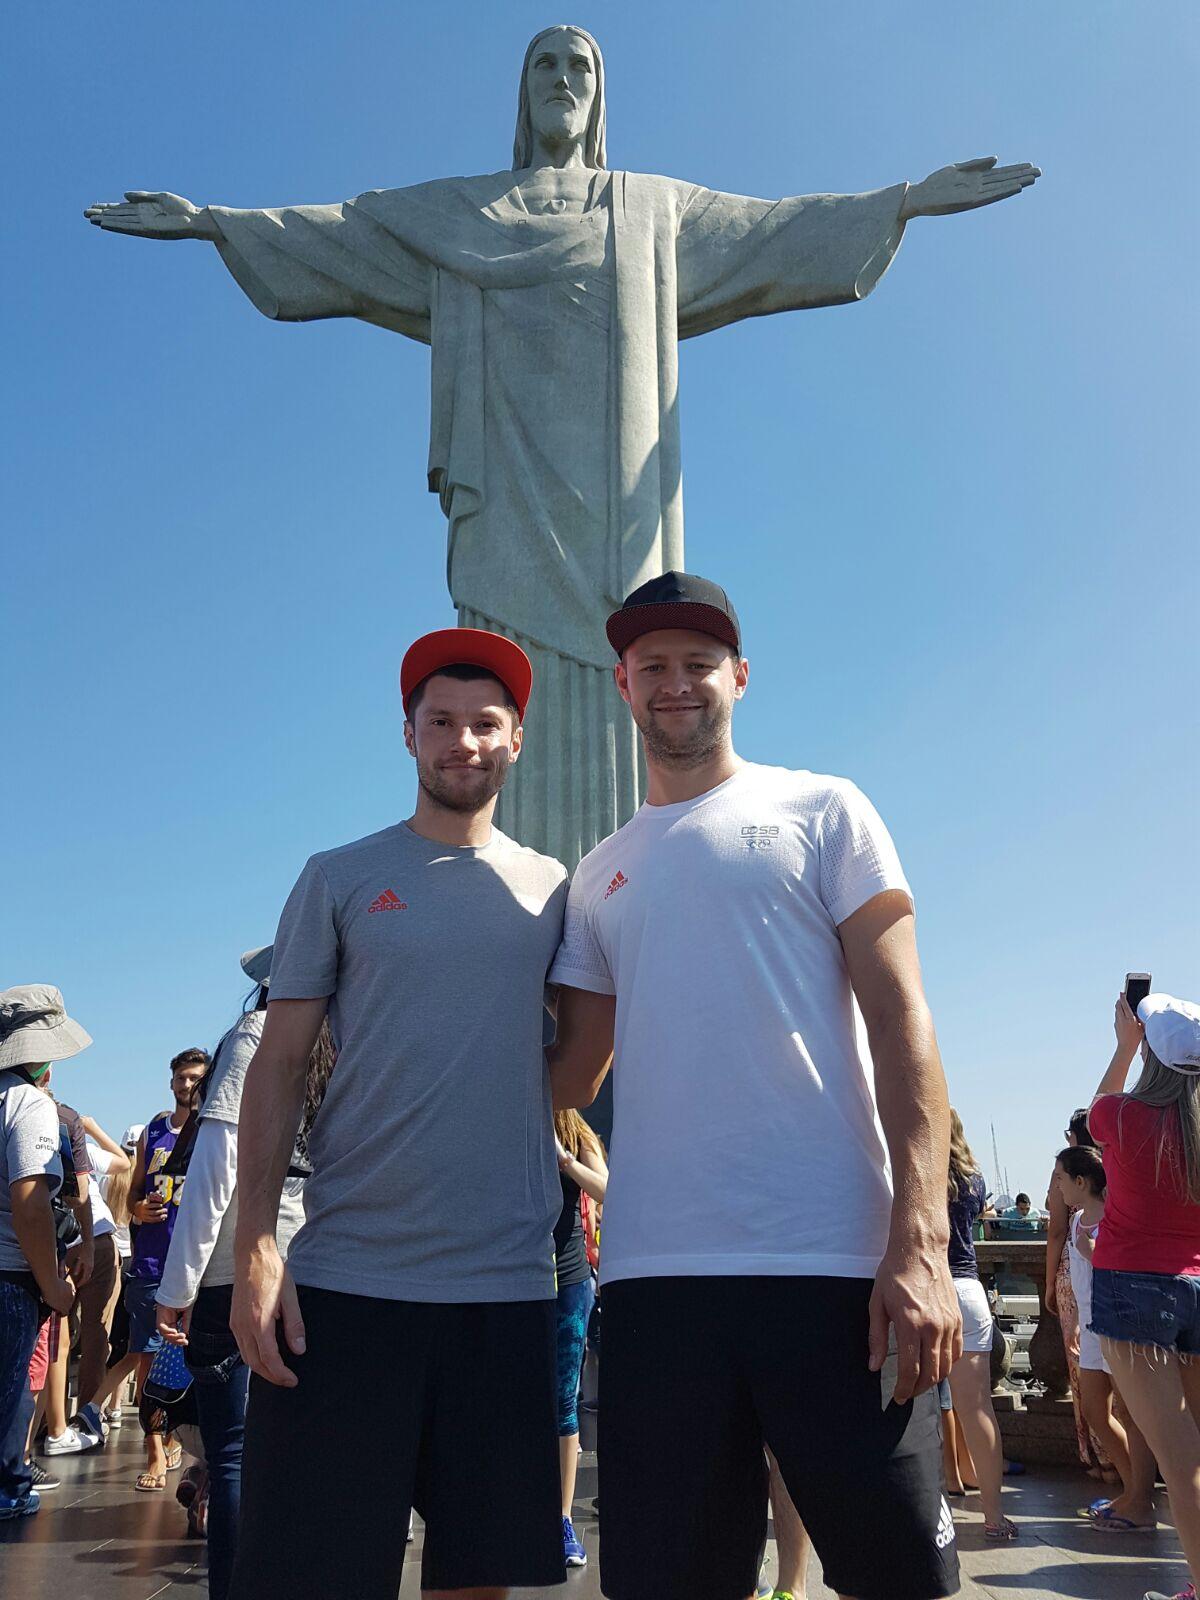 Martin und Martin gut gelandet in Rio! Viel Erfolg!